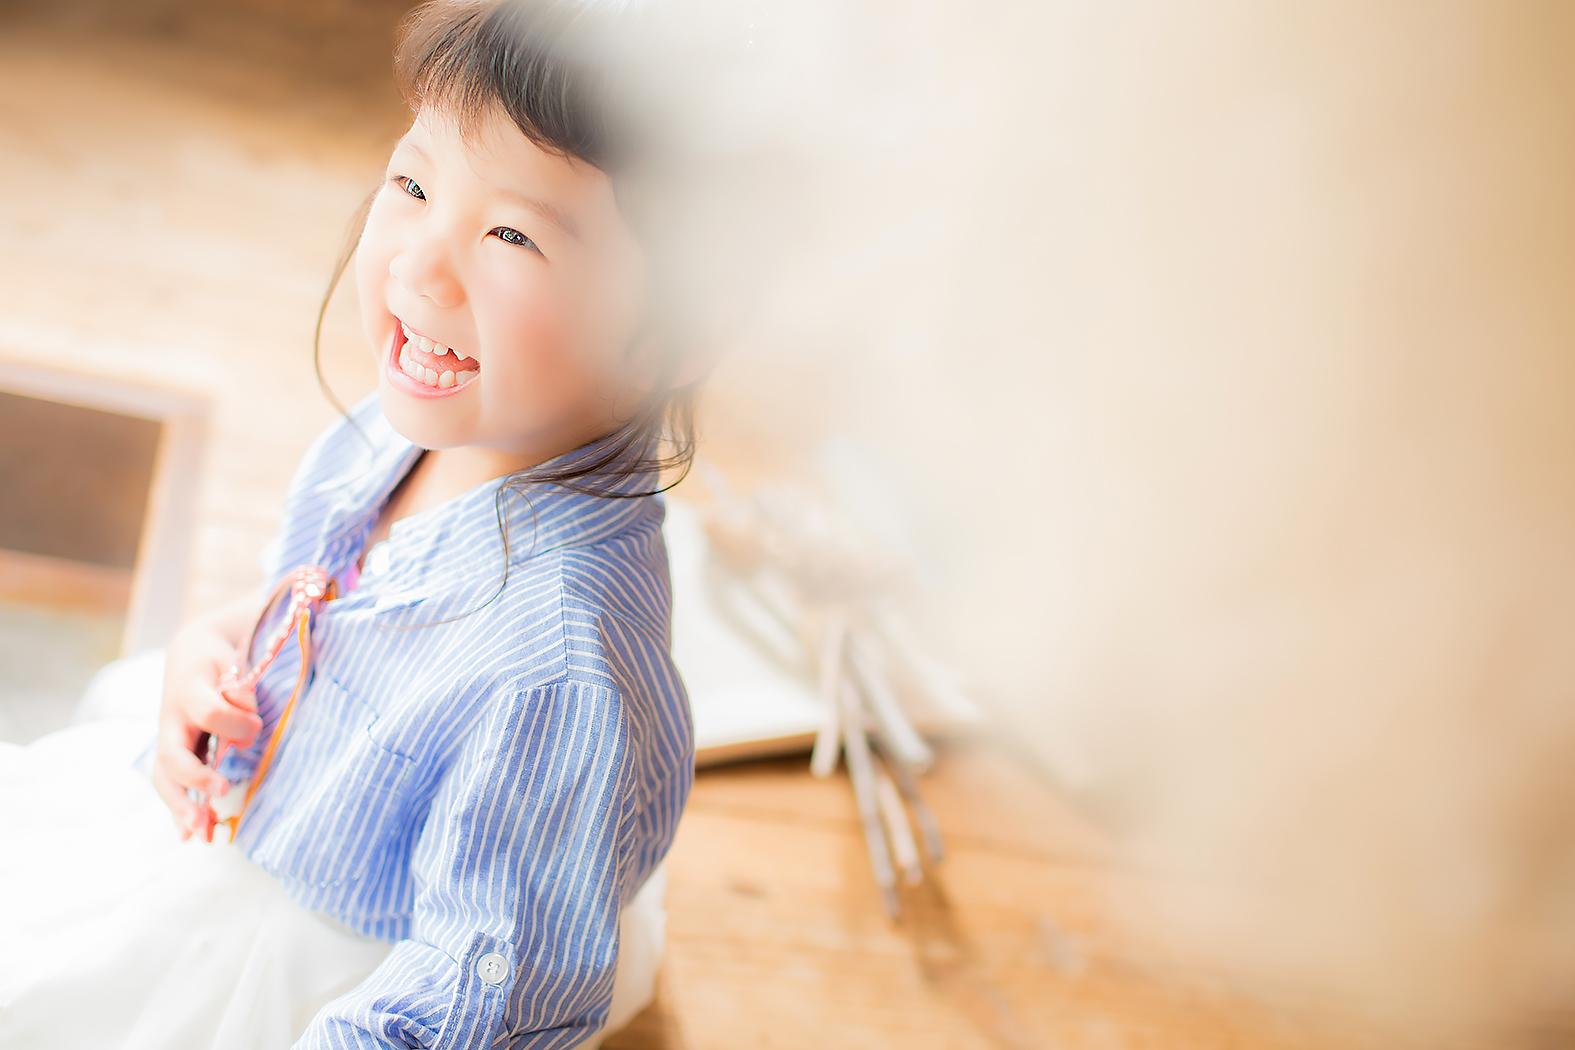 七五三,前撮り,3歳,カジュアル服